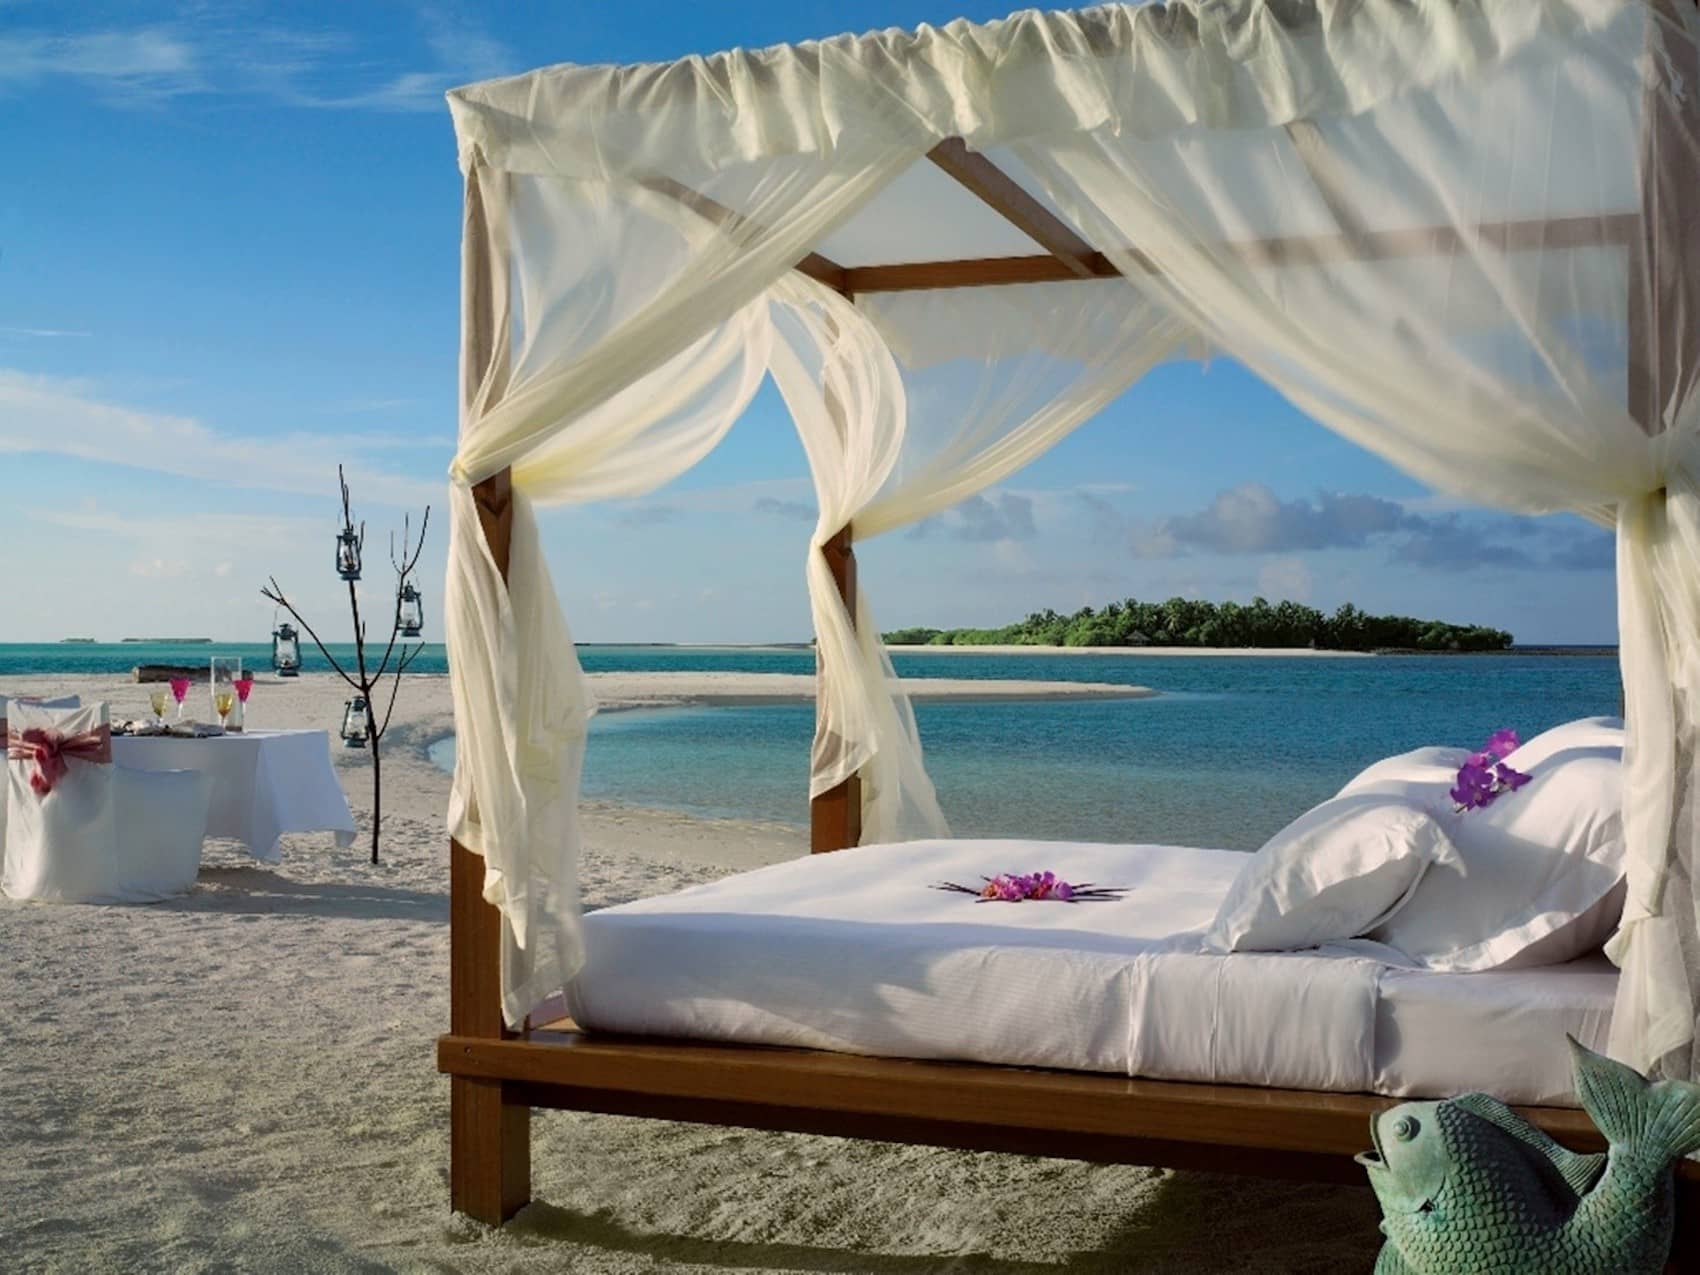 Una notte su un'isola privata alle maldive - Esperienze uniche viaggio di nozze